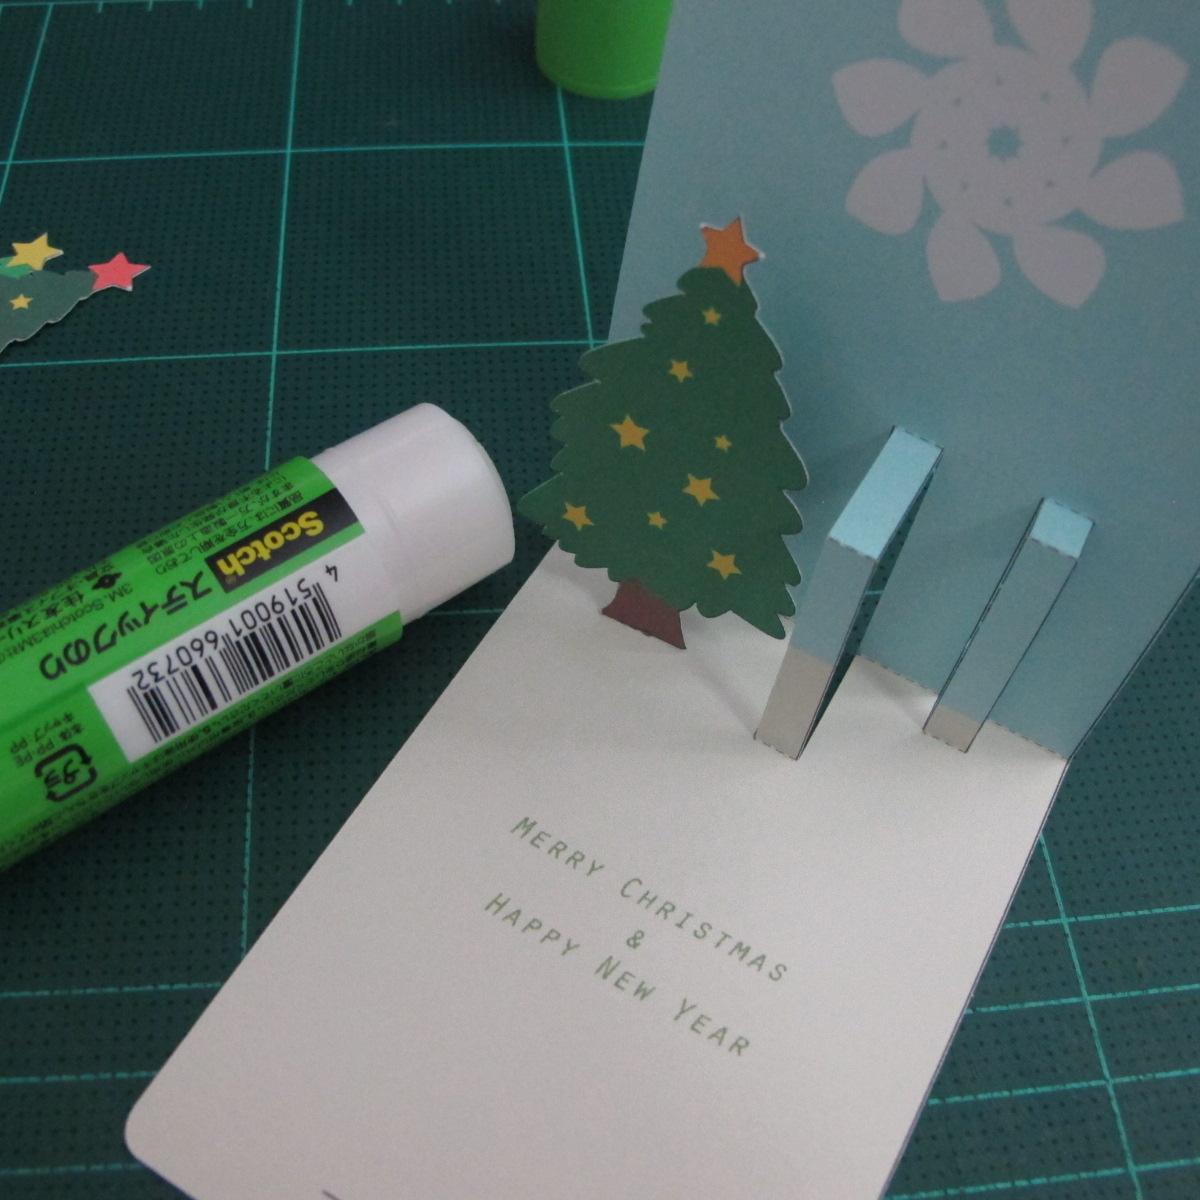 การทำการ์ดอวยพรลายต้นคริสต์มาสแบบป็อปอัป (Card Making Christmas Trees Pop-Up Card Template) 007